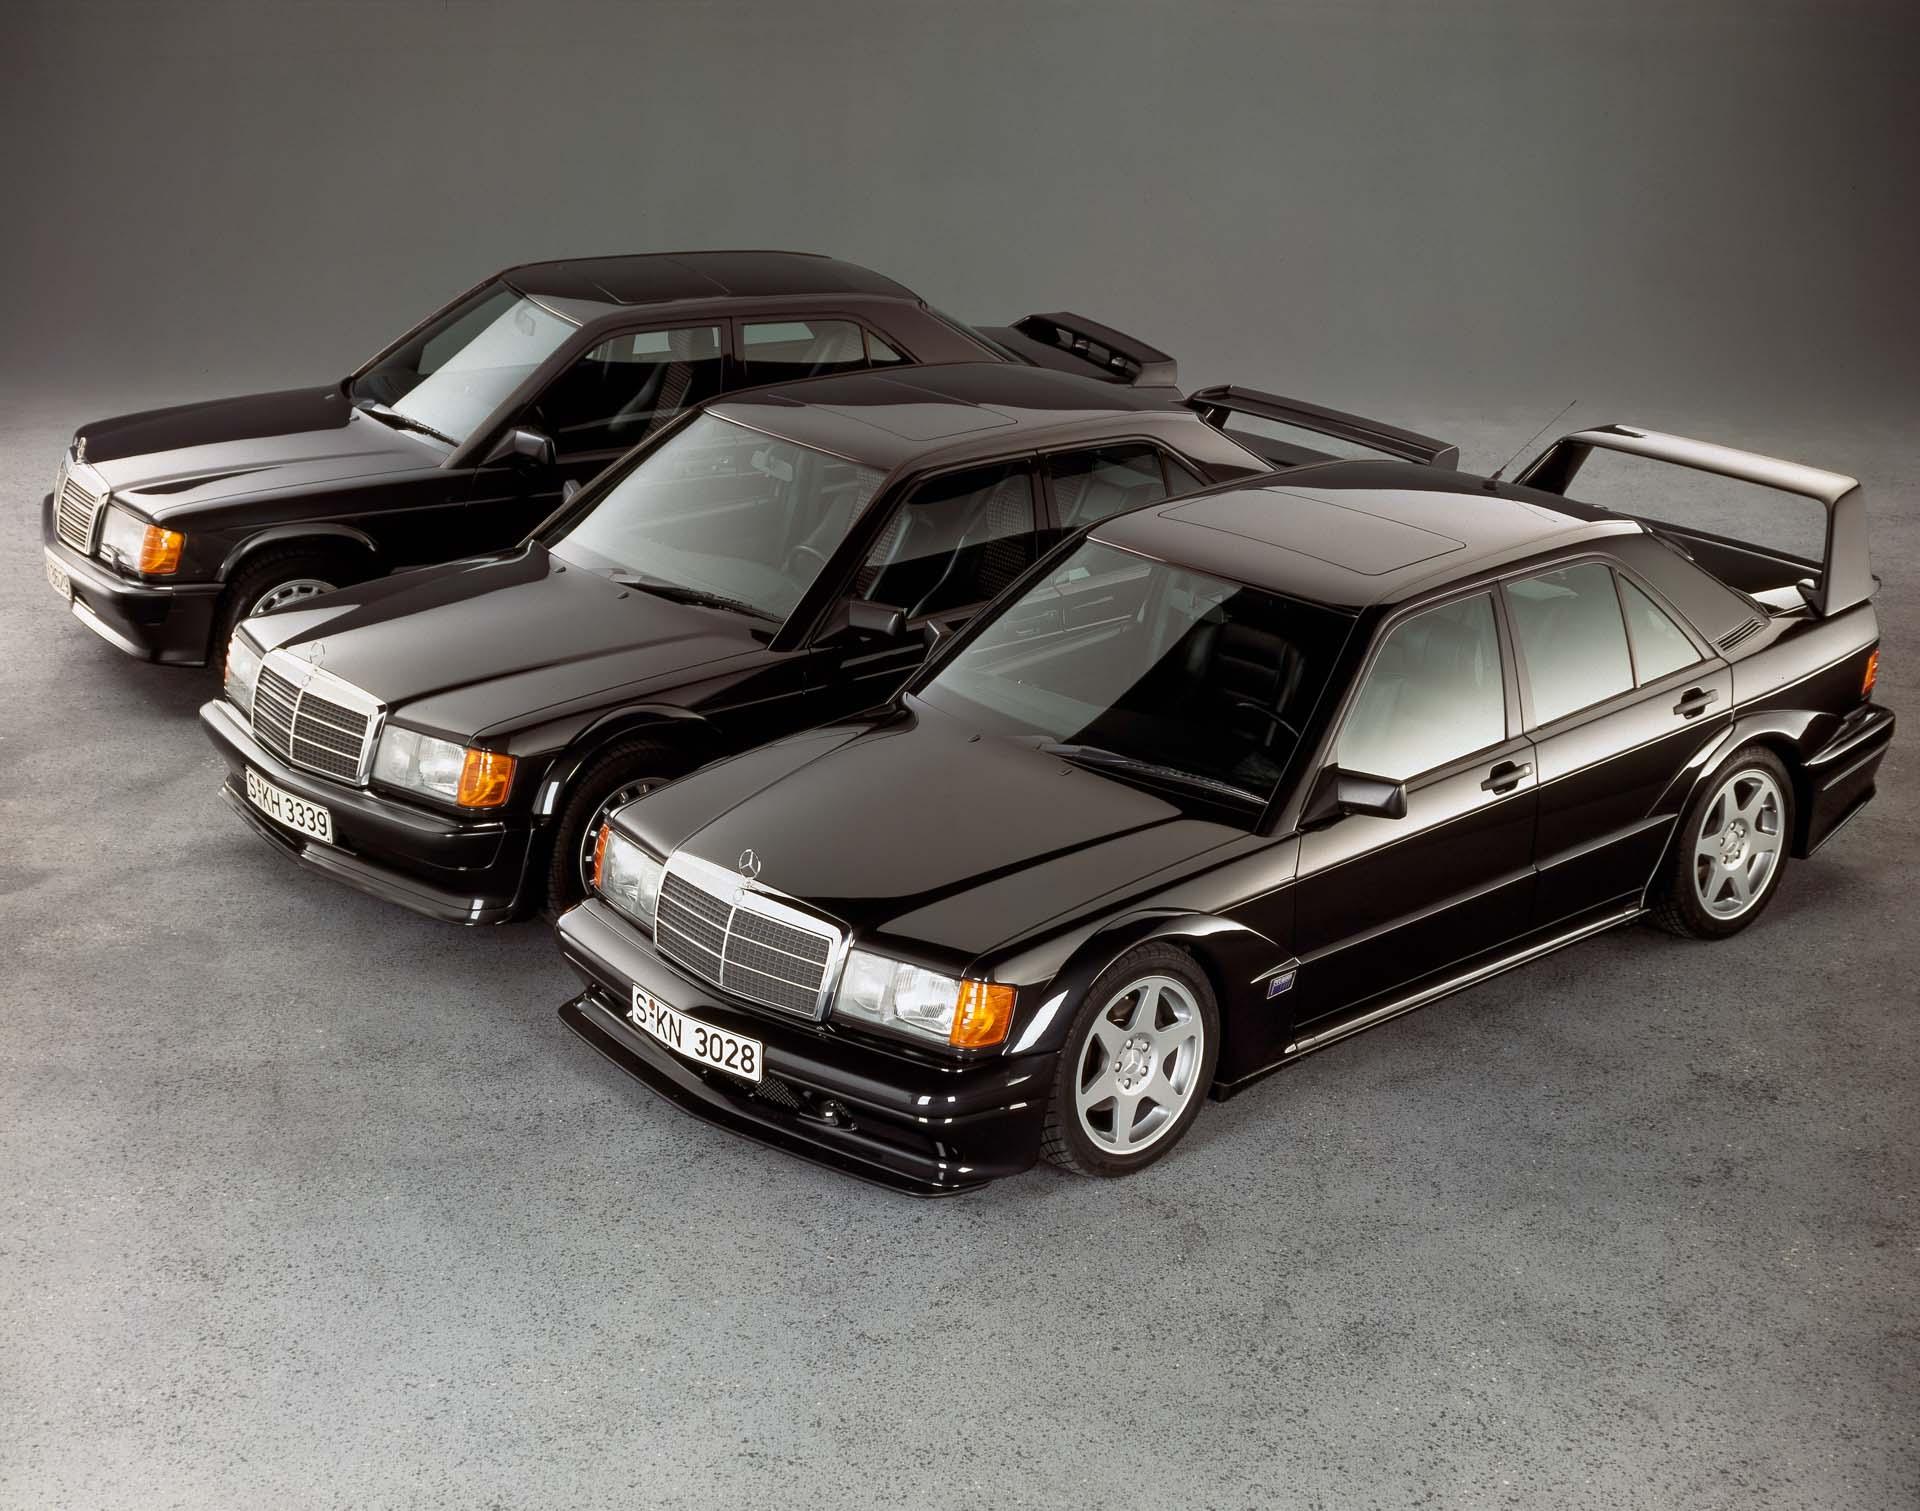 Mercedes-Benz 190 E 2.5-16 Evolution II (vorn rechts) mit seinen Vorgängern 190 E 2.5-16 Evolution (Mitte) und Mercedes-Benz 190 E 2.3-16 (hinten links). Foto aus dem Jahr 1990.